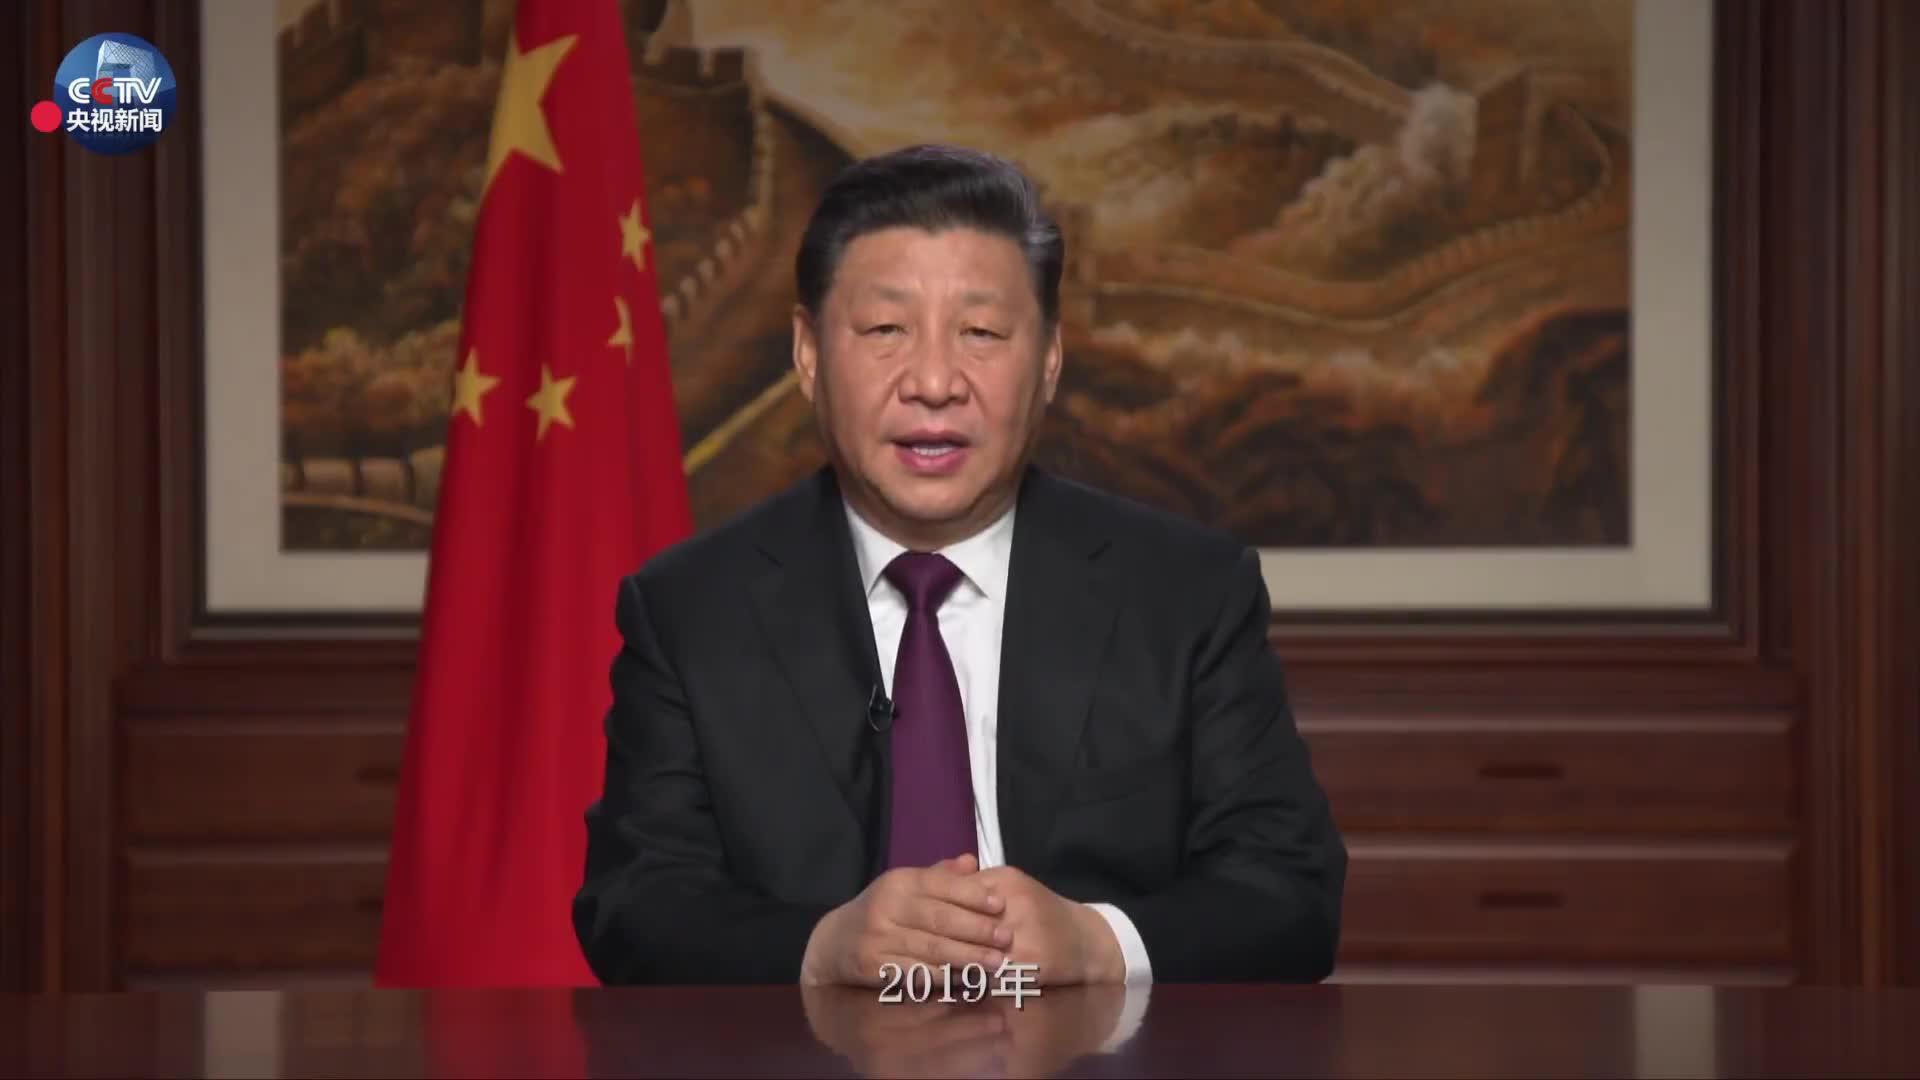 [视频]国家主席习近平发表二〇一九年新年贺词